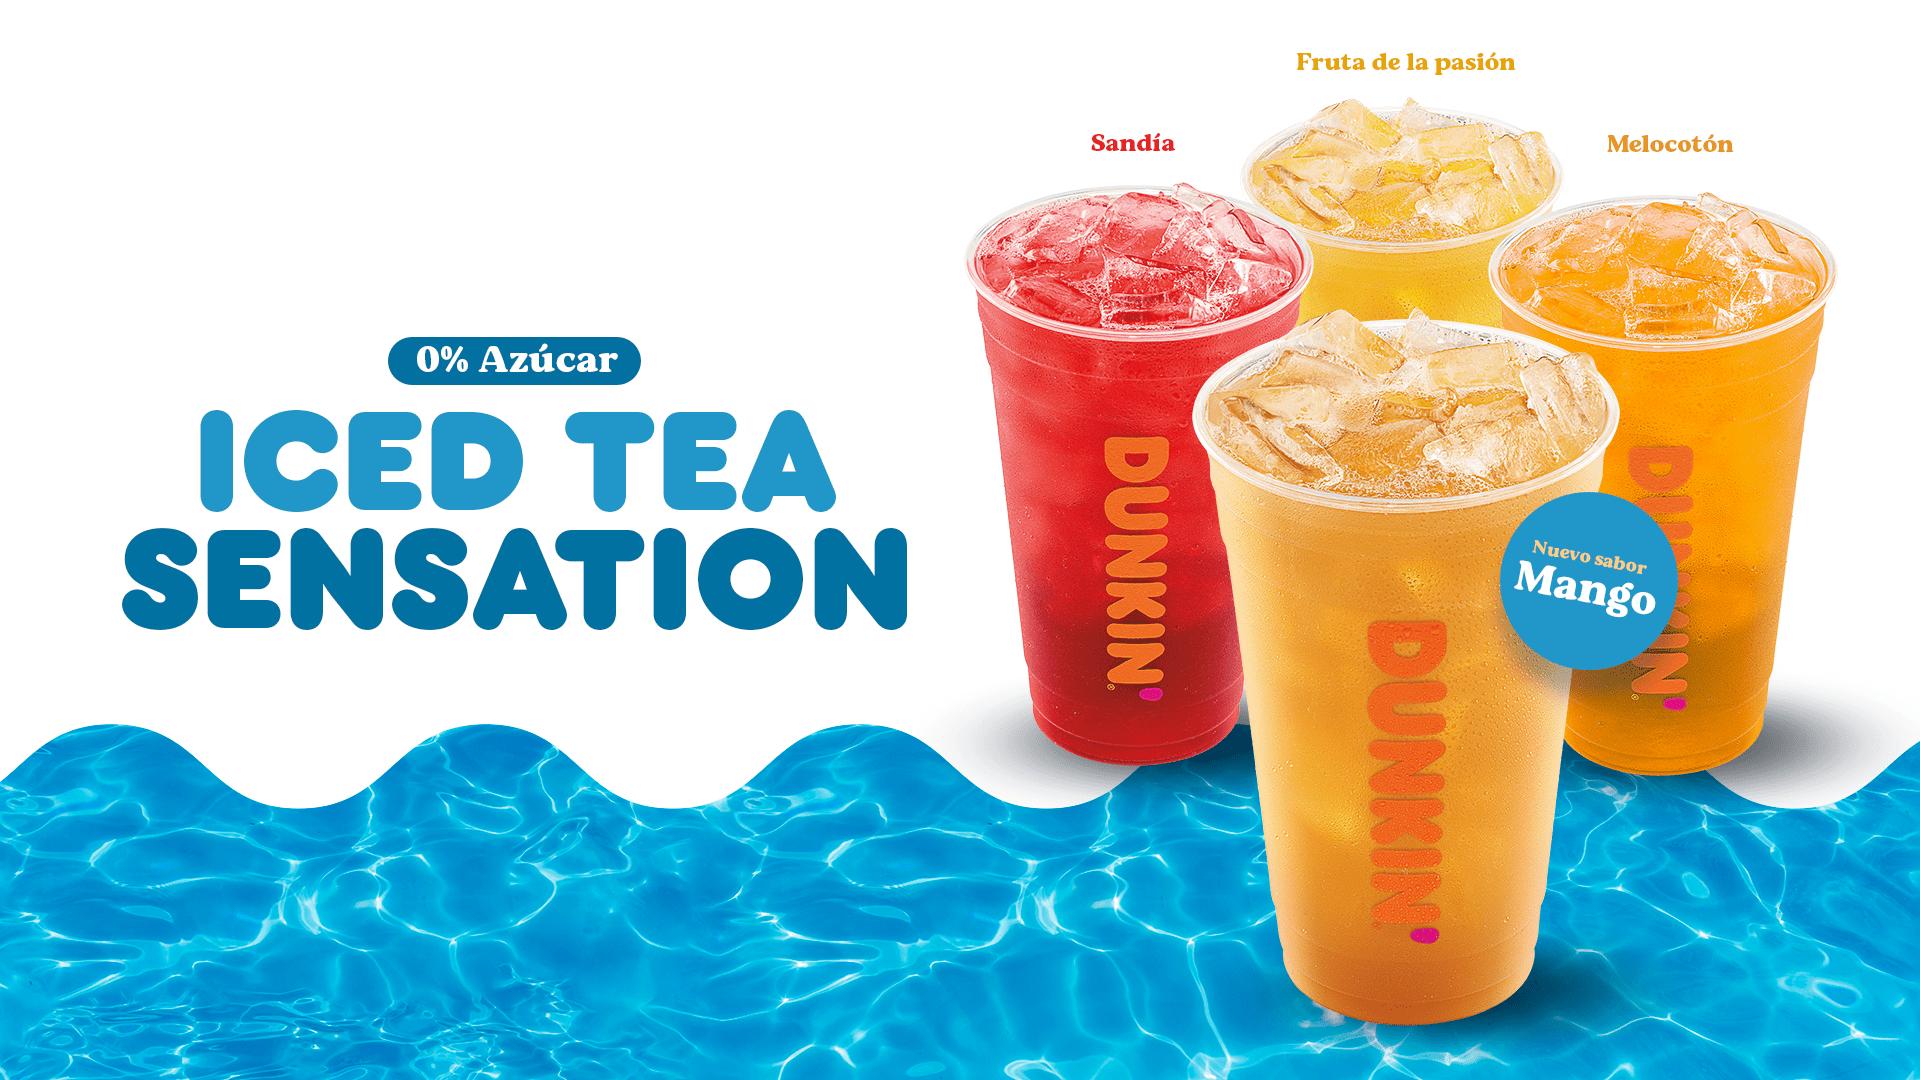 Lanzamos un nuevo sabor iced tea 0% azúcar